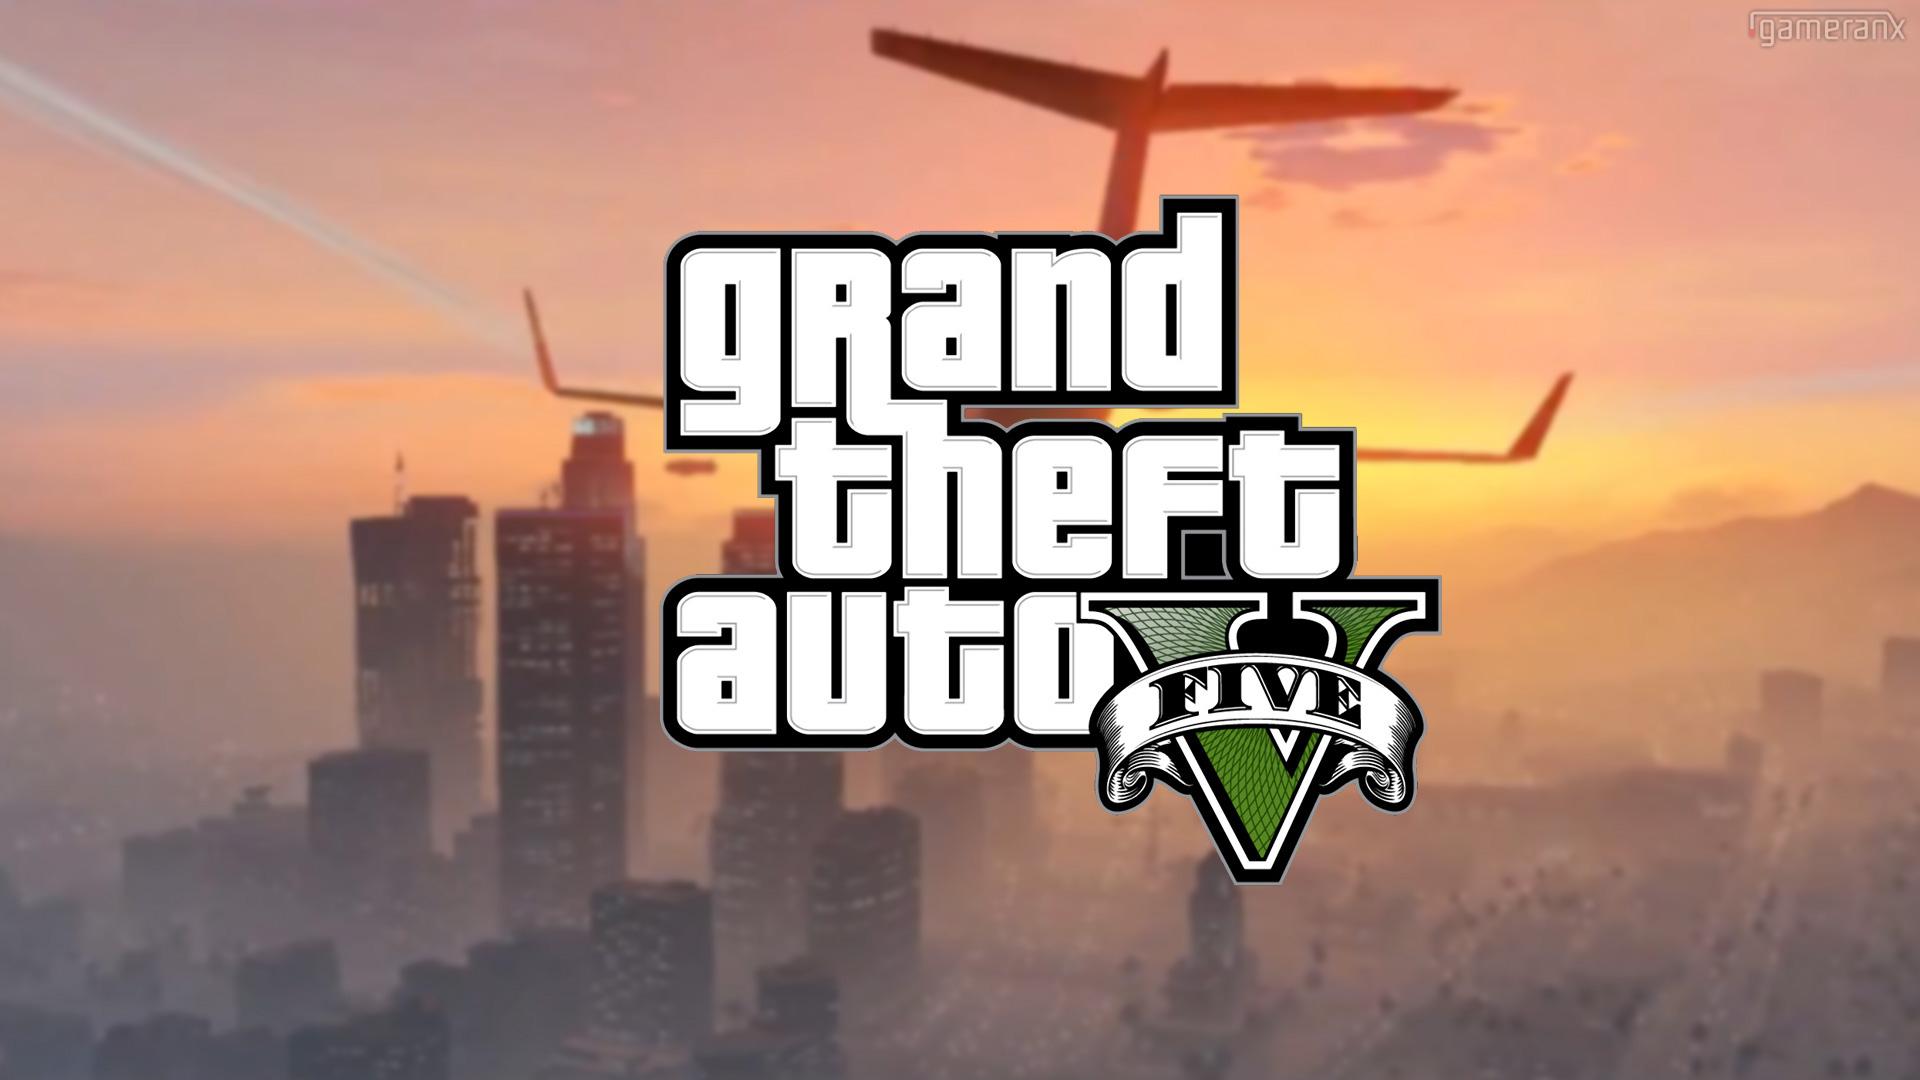 Exclusive GTA V Wallpapers Grand Theft Auto V   GTA 5 Cheats 1920x1080